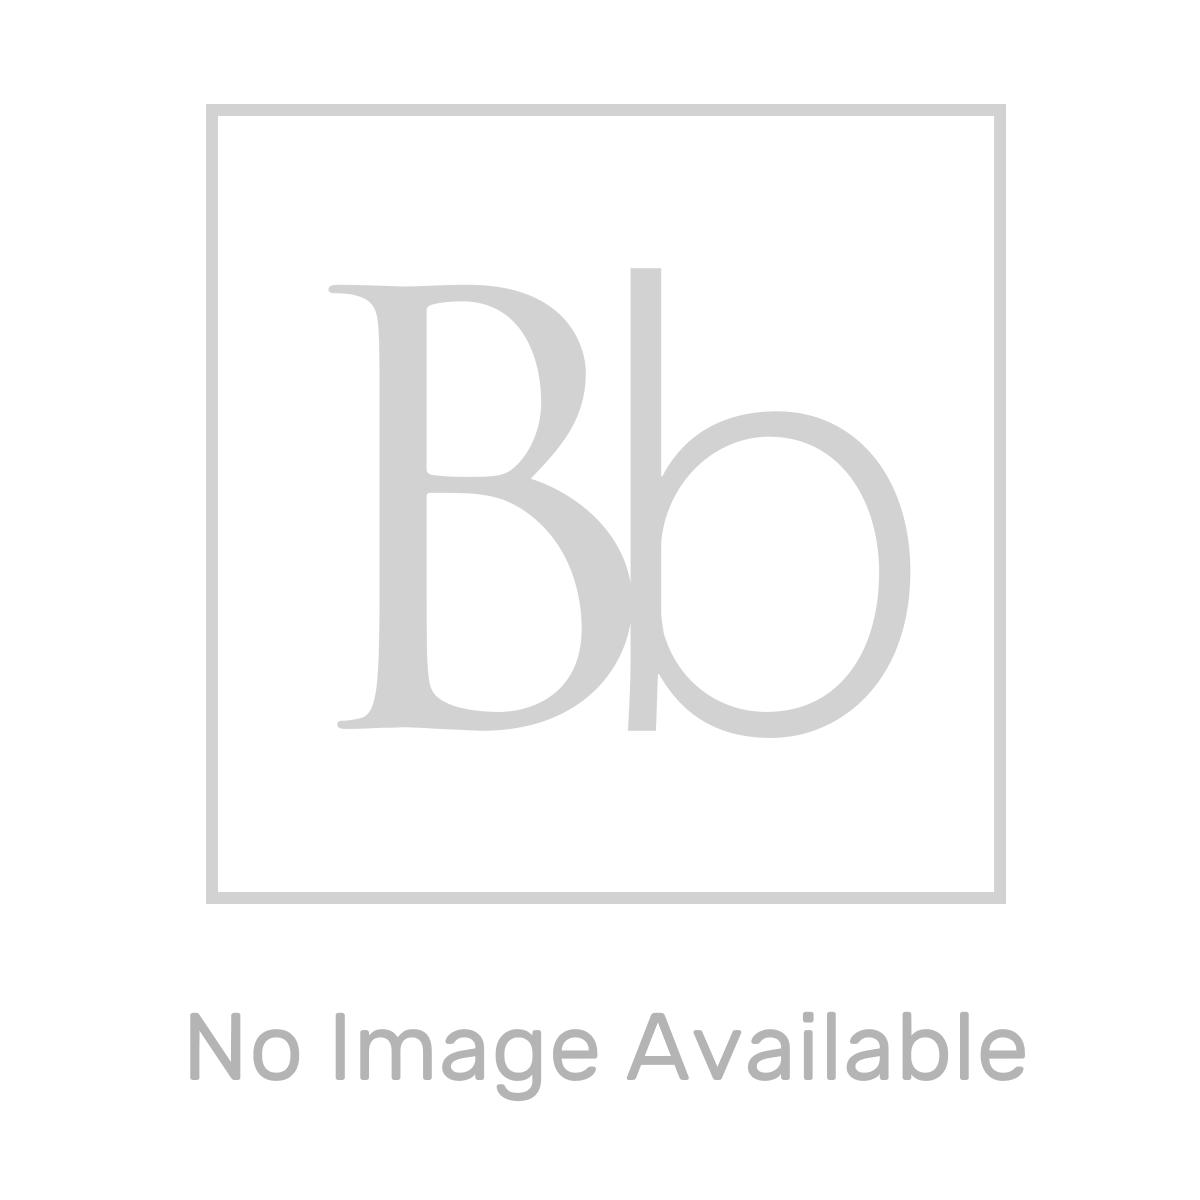 Kartell K-vit Chrome Pure Soap Dispenser And Holder